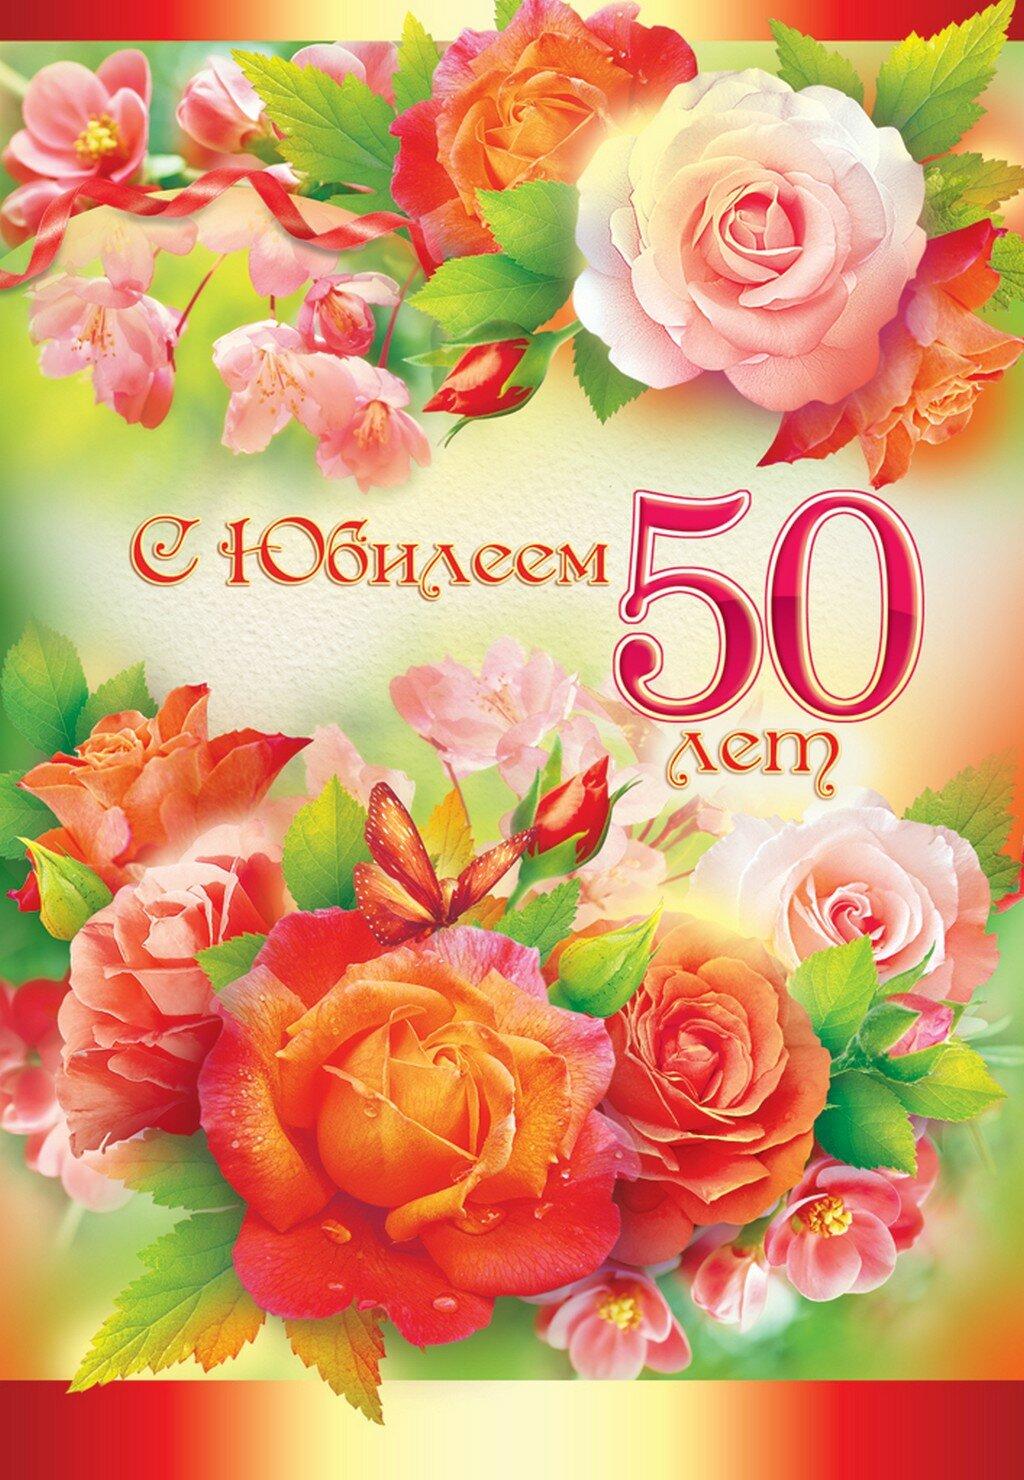 Открытки поздравление с днем рождения женщине с юбилеем 50 лет, рождения